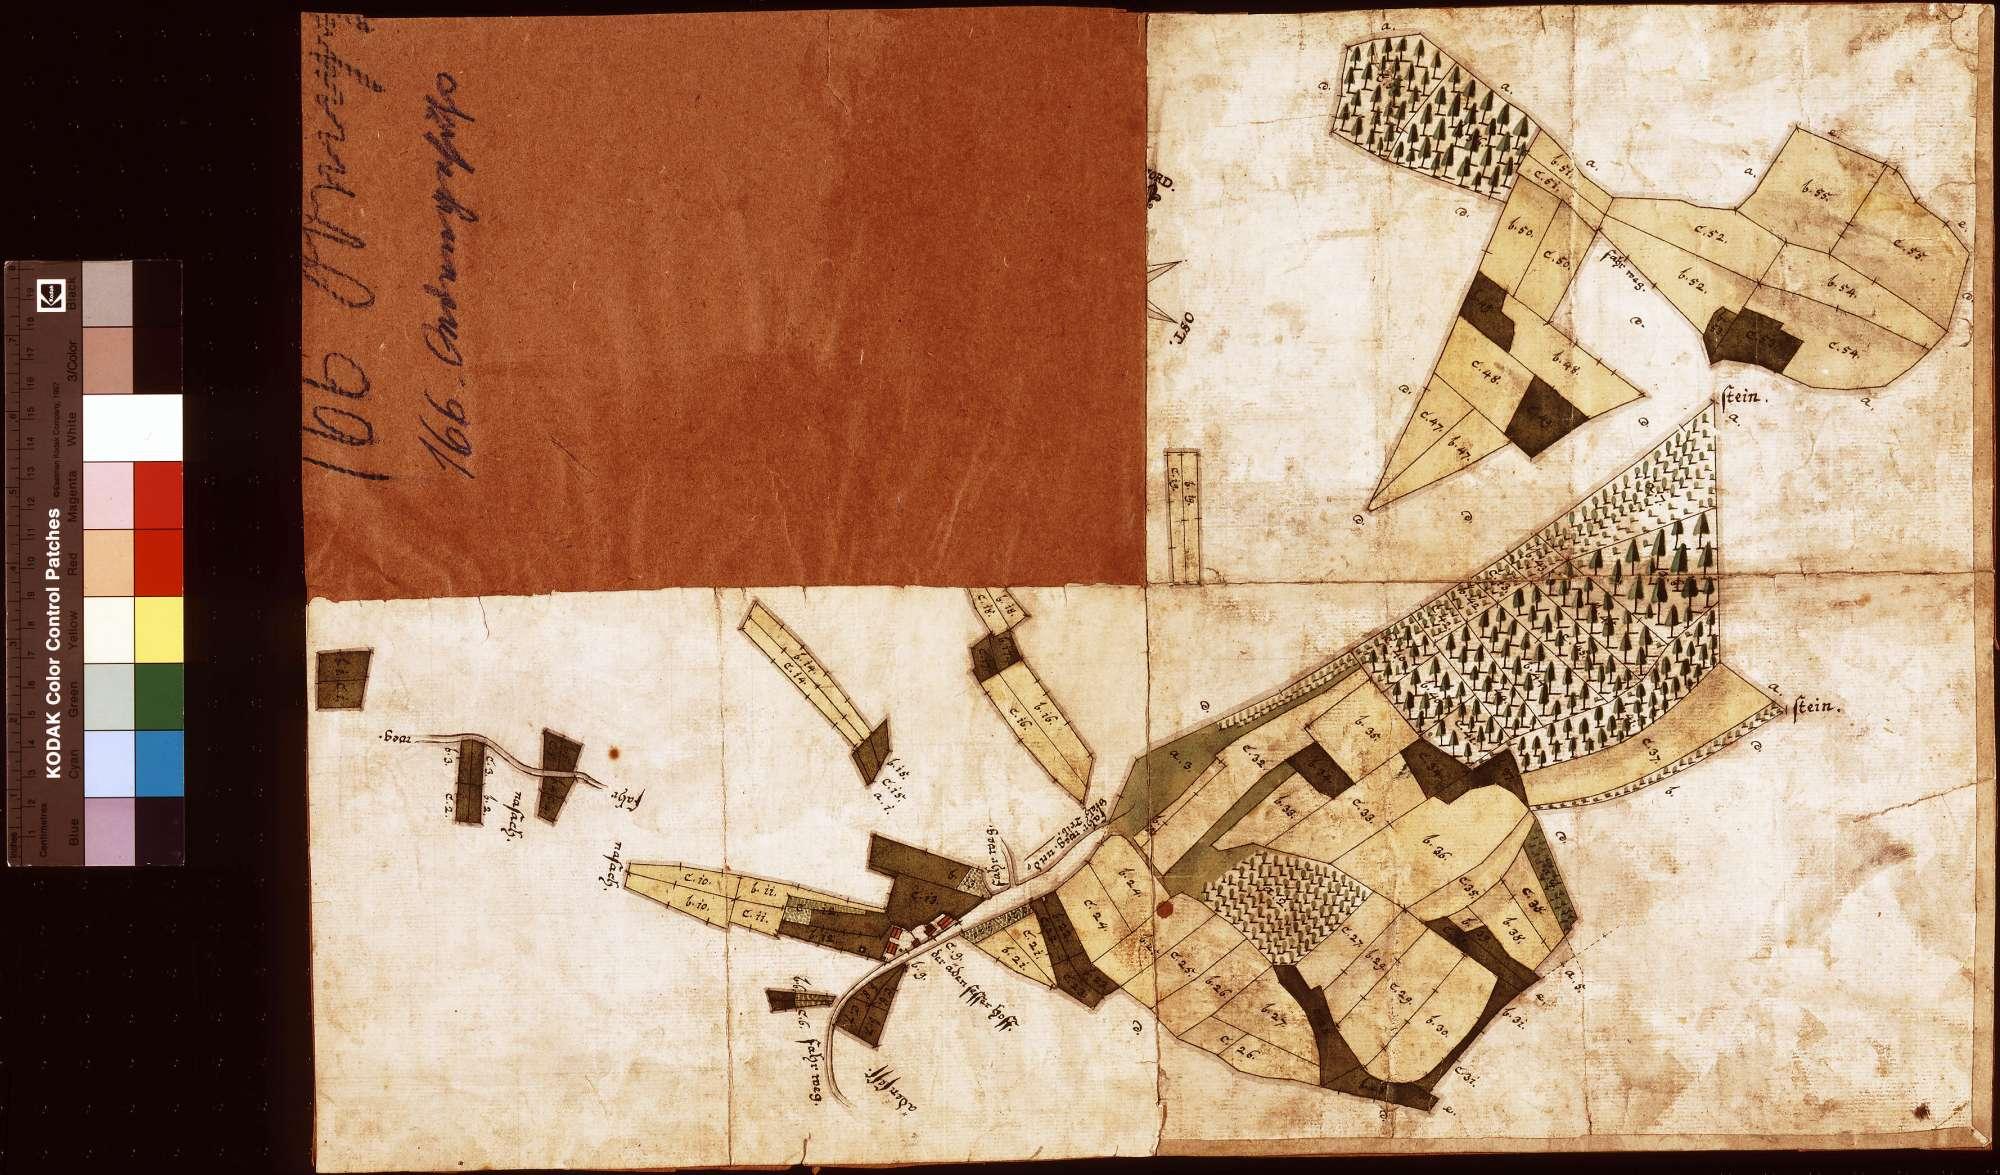 [Gemarkung Ödengesäßer Hof] (Inselkarte), Bild 1